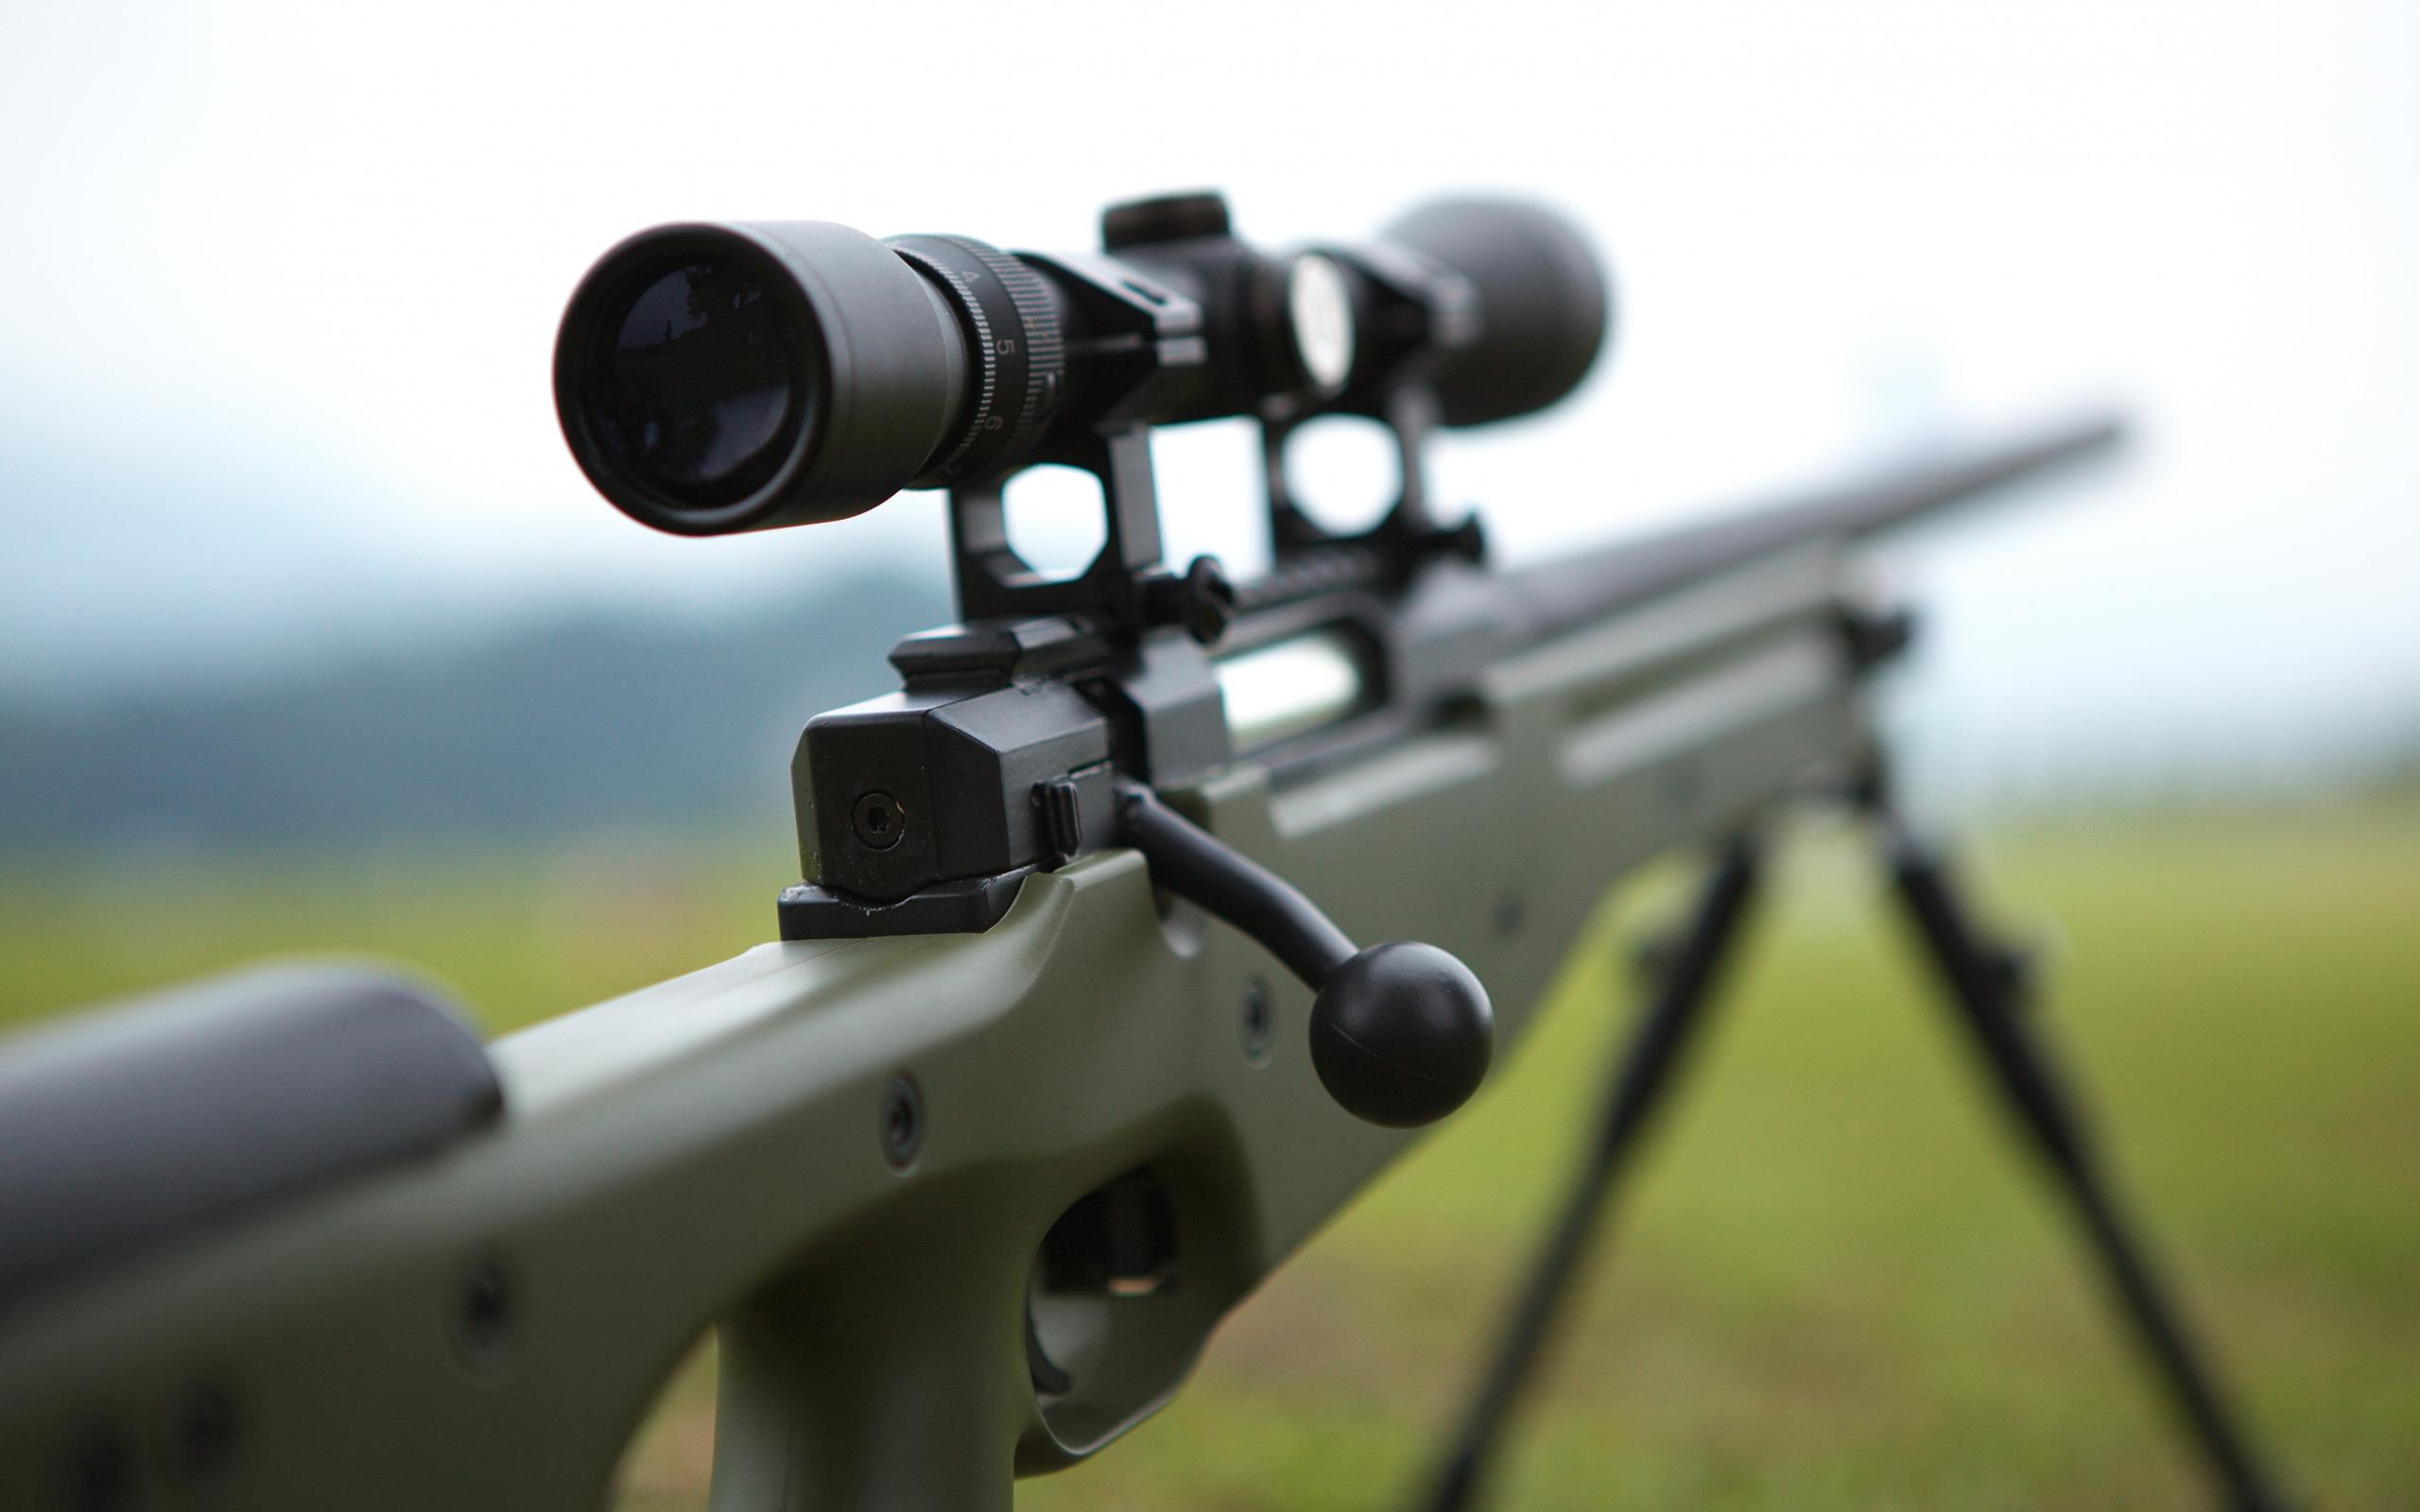 magnum sniper rifle - HD2560×1600